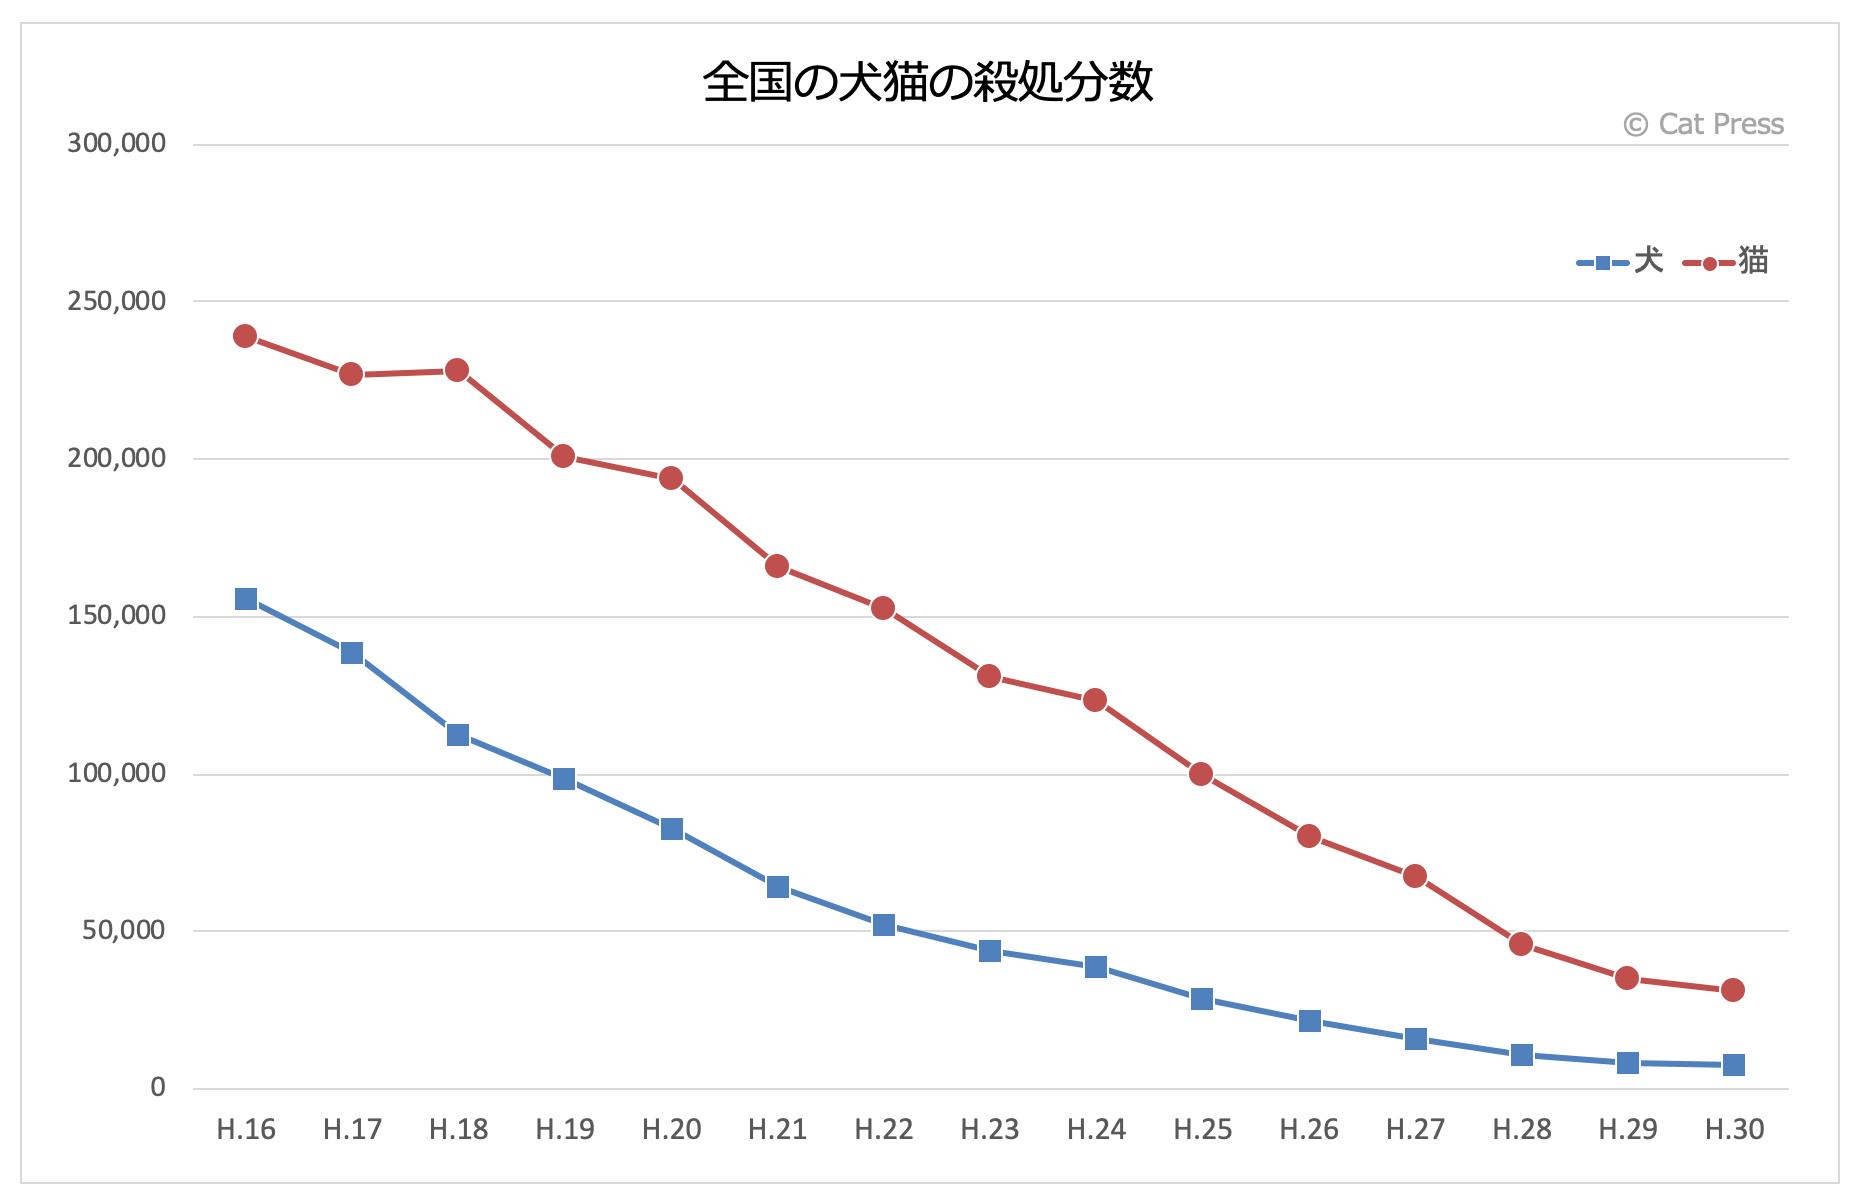 平成16年〜平成30年度の日本全国における犬猫の殺処分数、推移グラフ